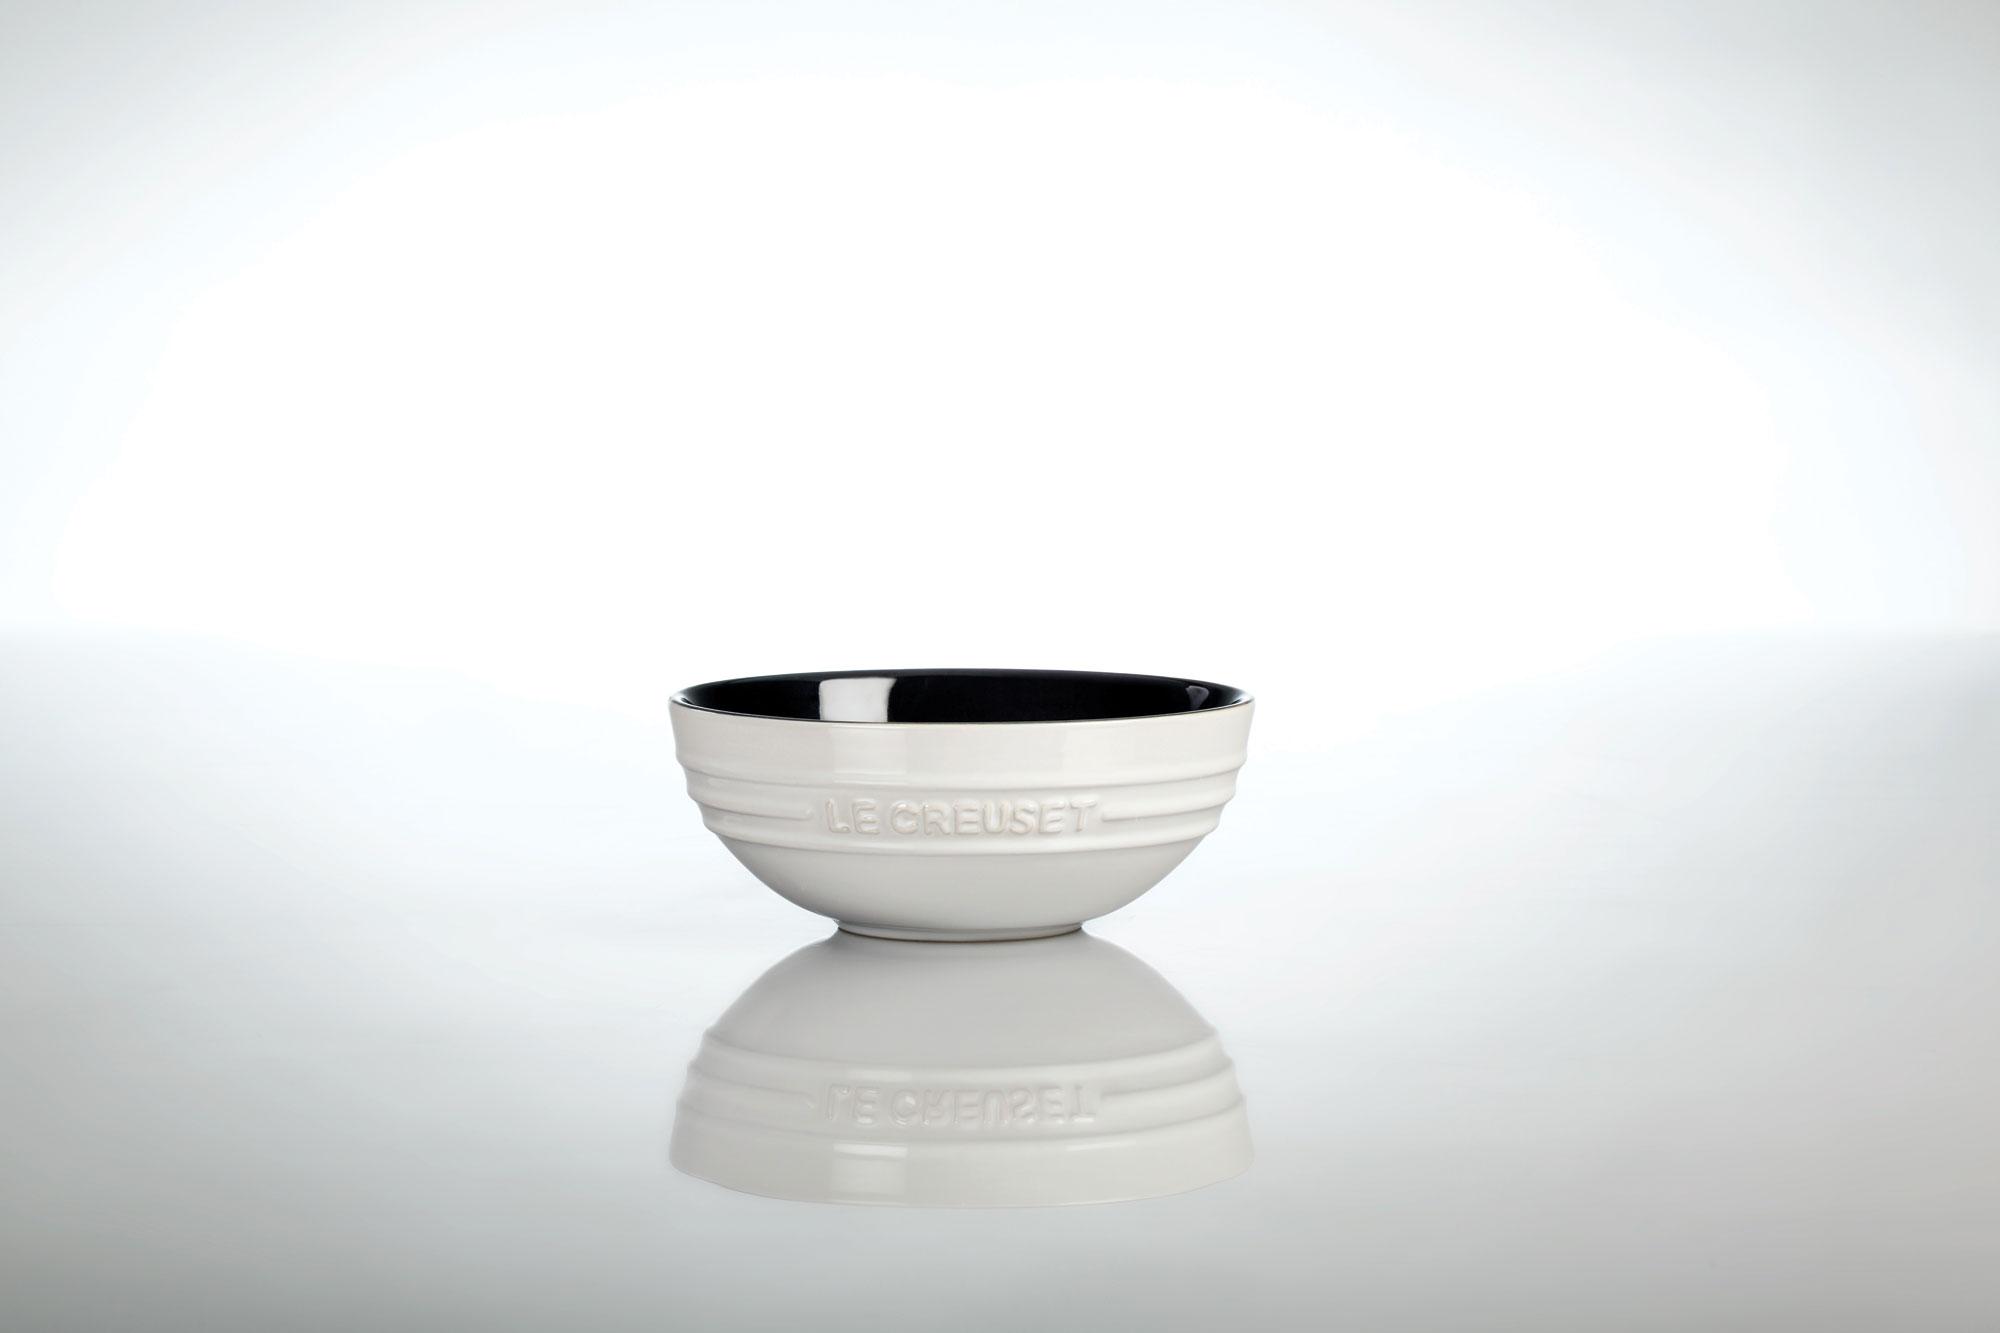 Le Creuset Stoneware Multi Bowl Set 3 Piece Black